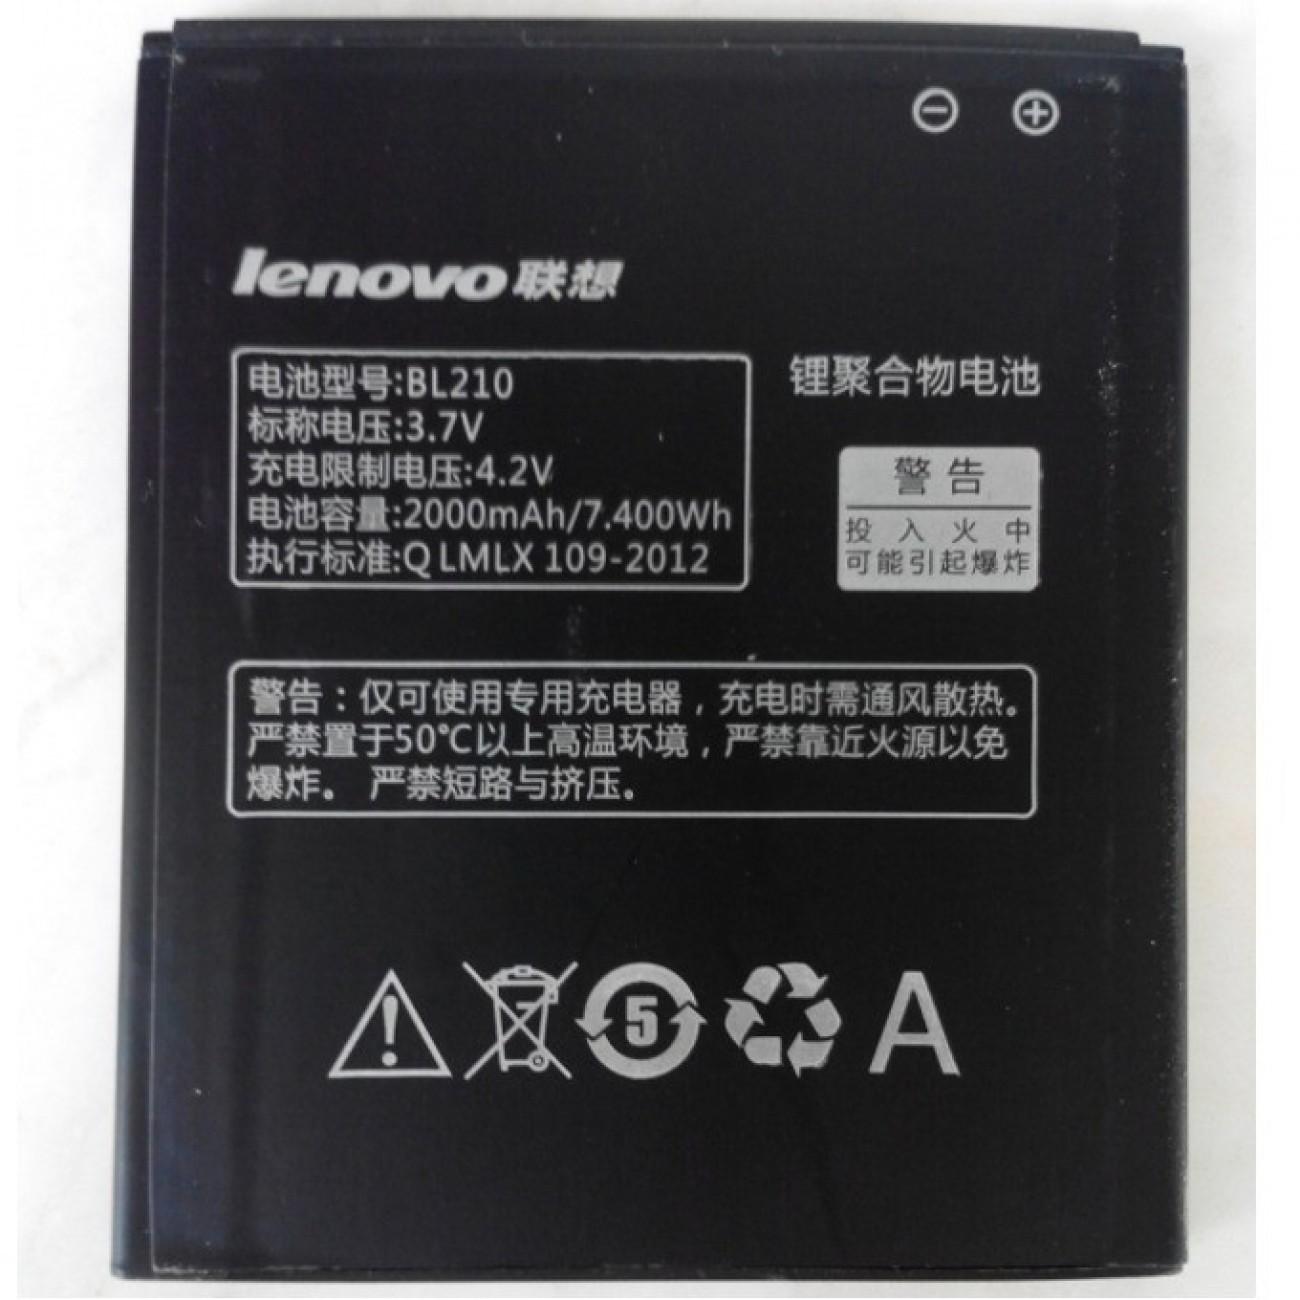 Батерия (заместител) за Lenovo A536/A606, 2000mAh/3.7V в Батерии за Телефони, Таблети -  | Alleop